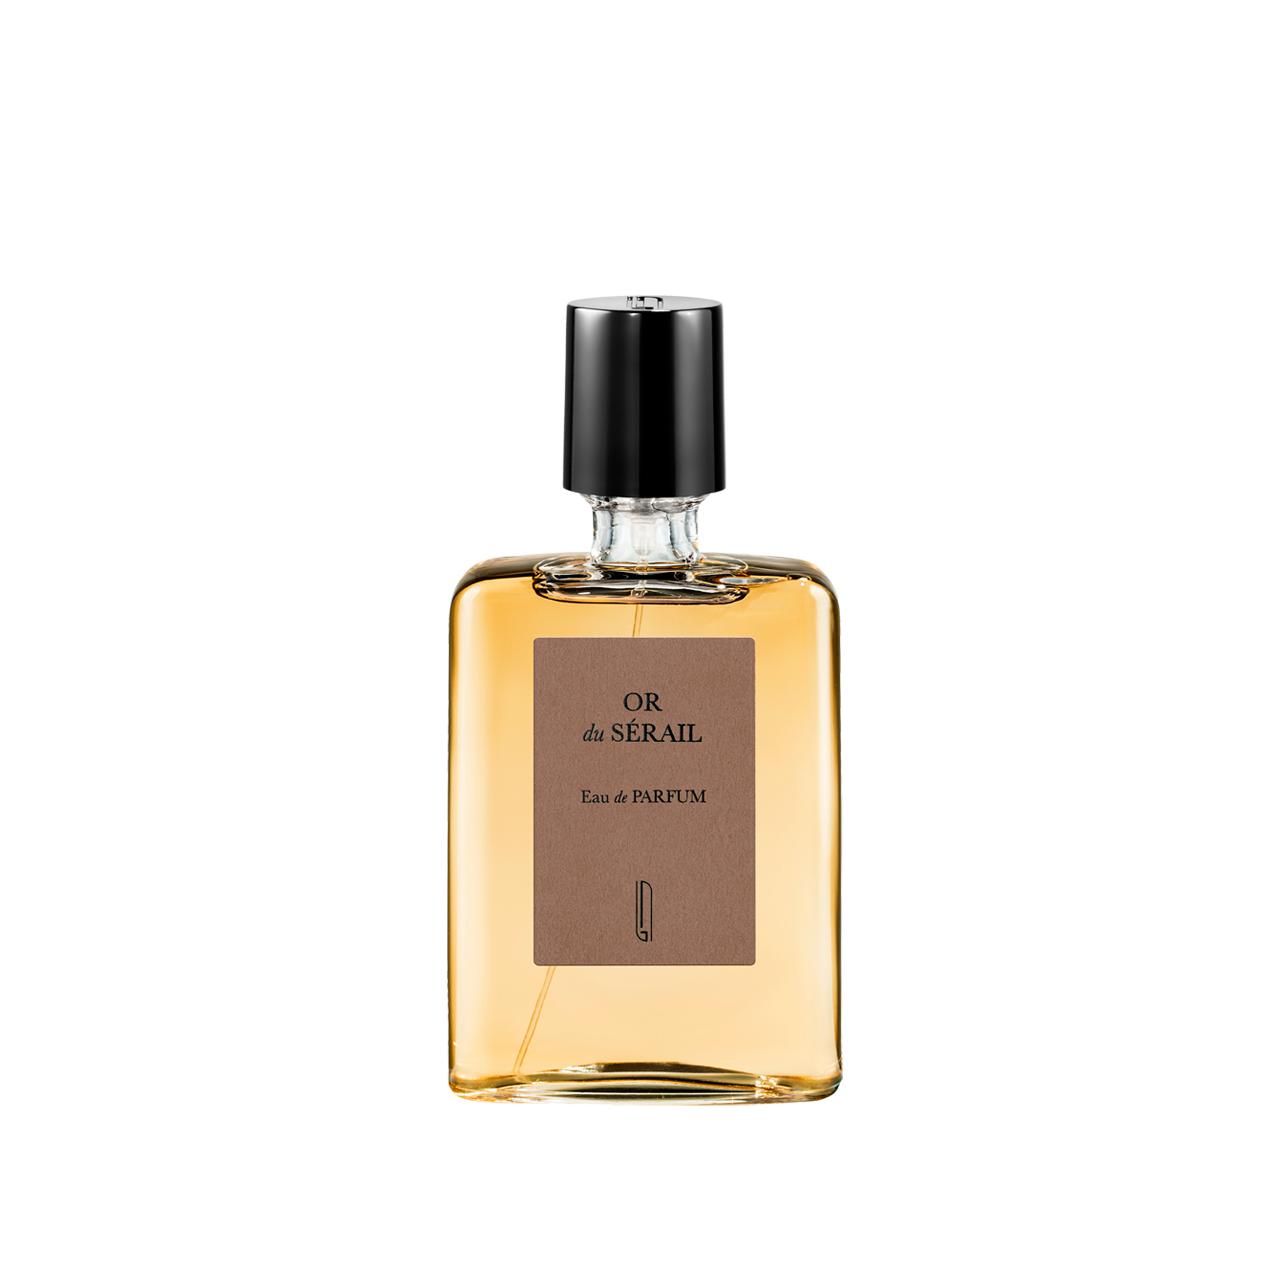 OR DU SERAIL - Eau de Parfum